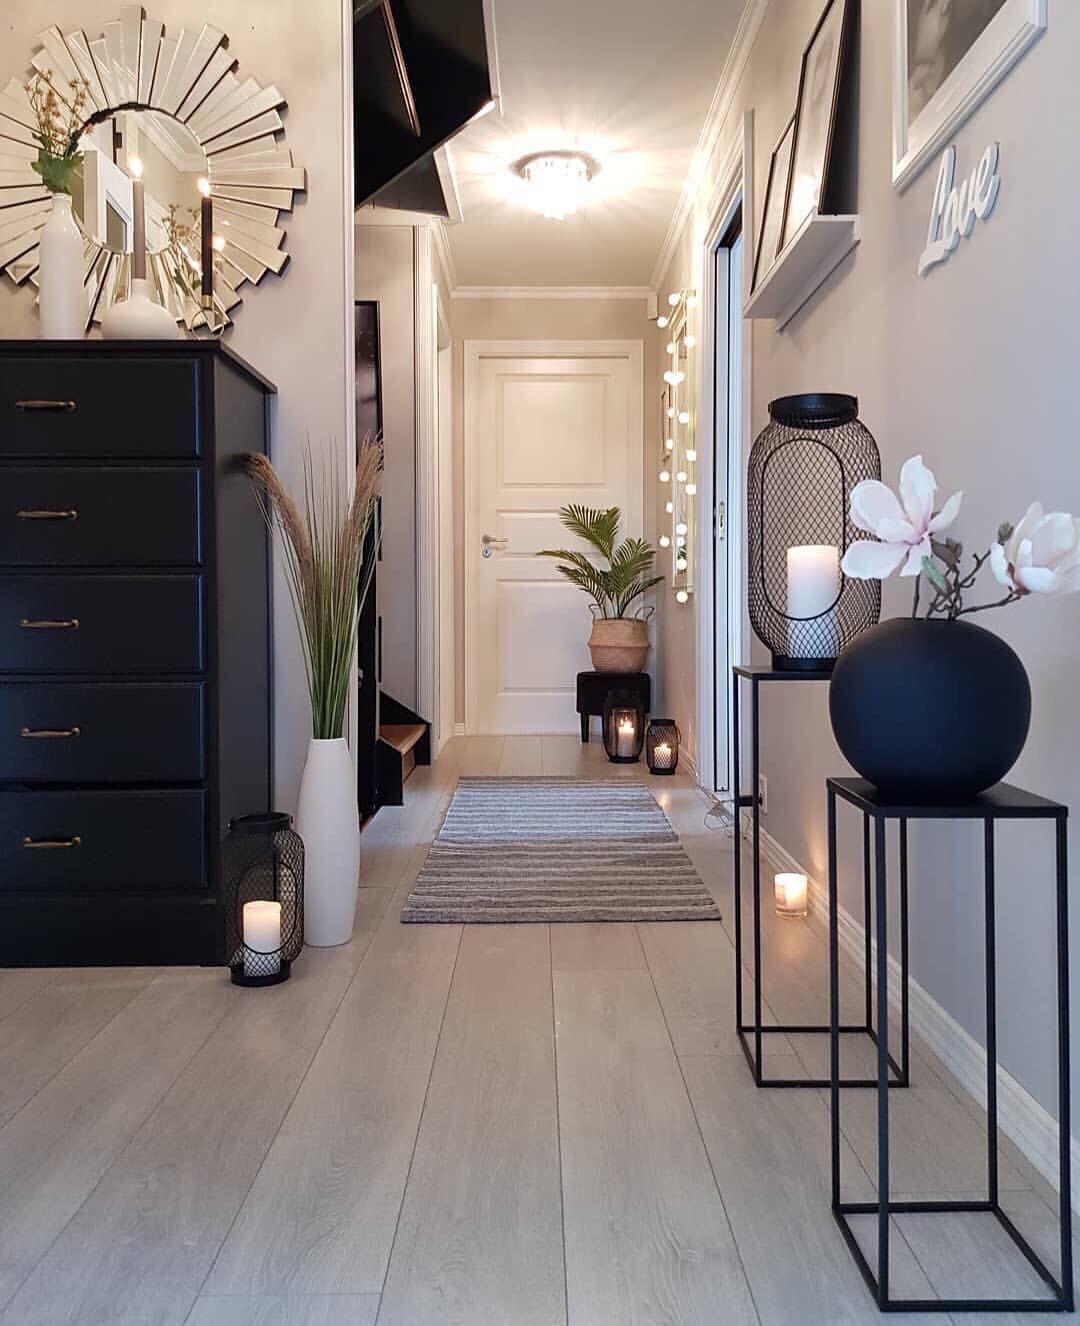 Décoration Entrée De Maison ideas for home decoration # architecture #luxuryfurniture